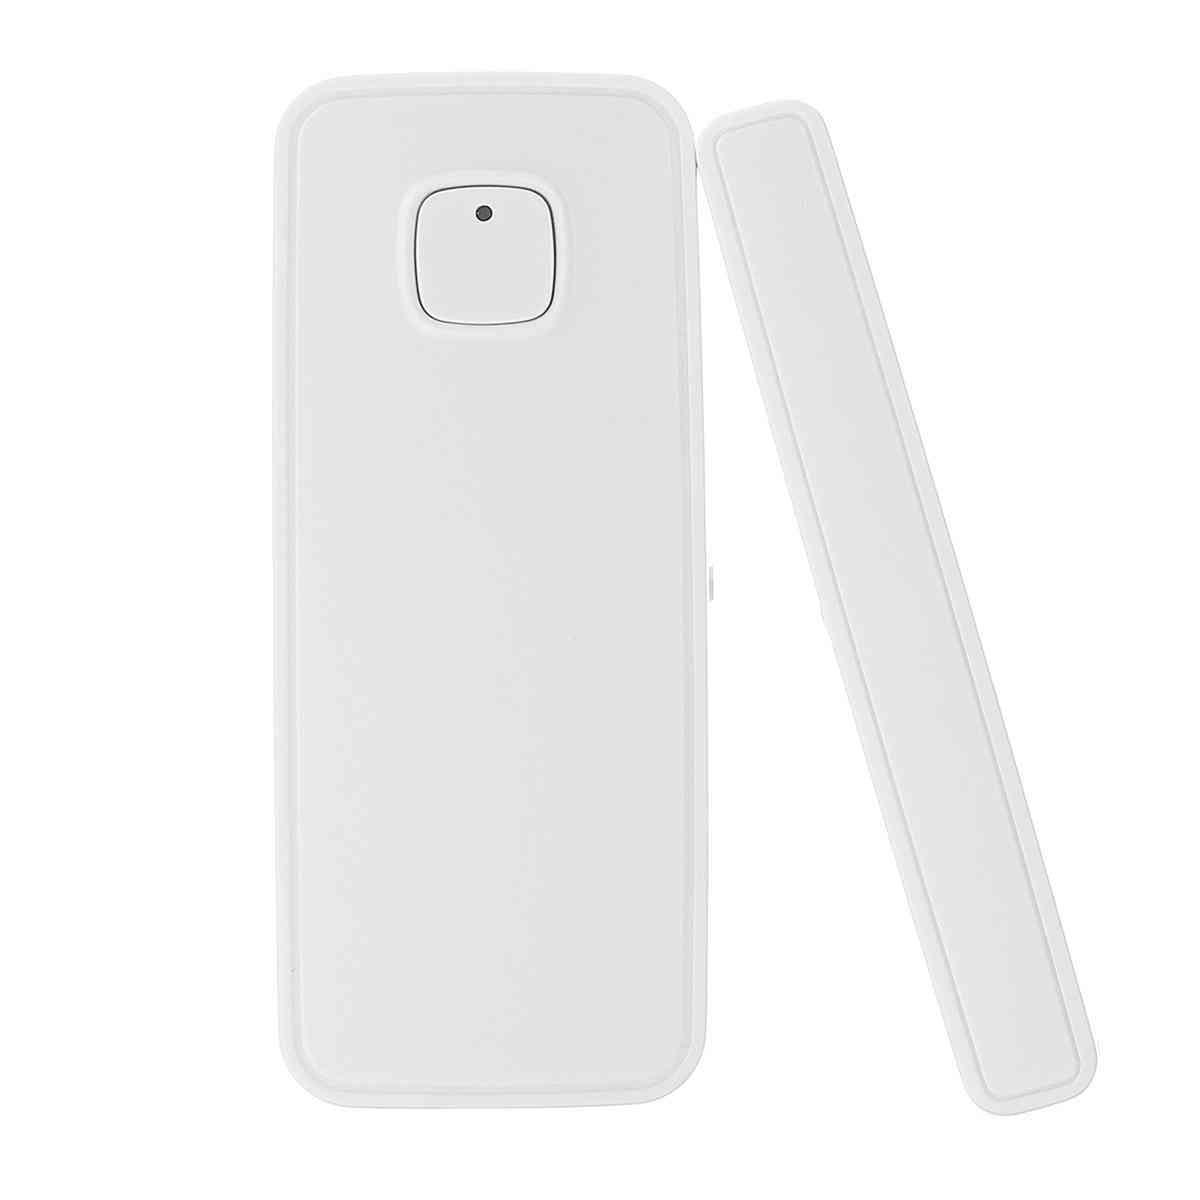 DIGOO DG-ZXD21 Independent WIFI Door & Window Sensor Detection Smart Home Other Sensors Electrical Equipment & Supplies